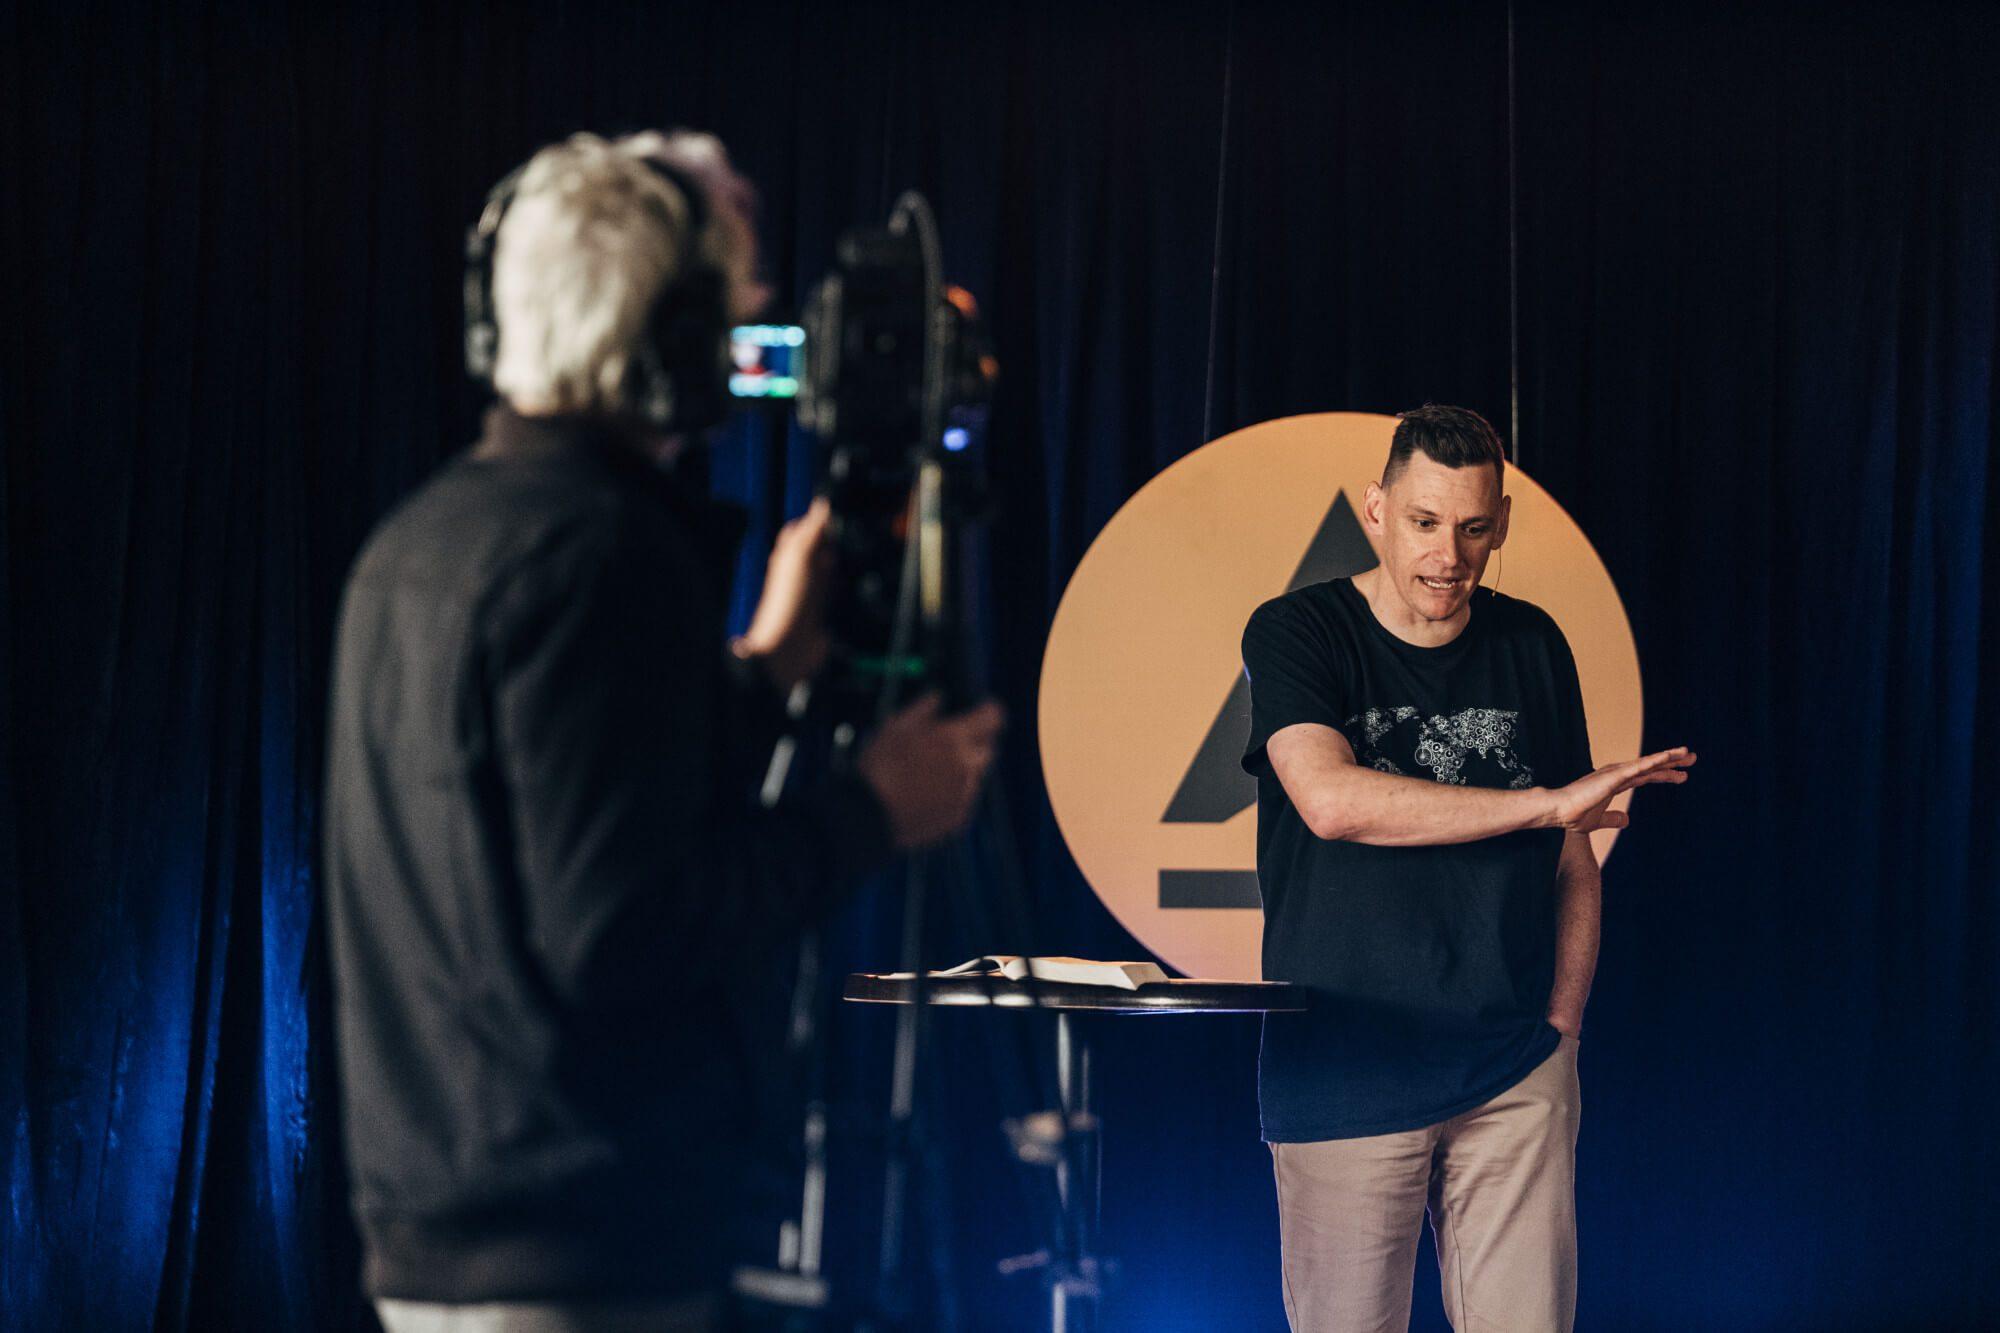 basecamp-2020-livestream-mark-stephens-in-front-of-camera